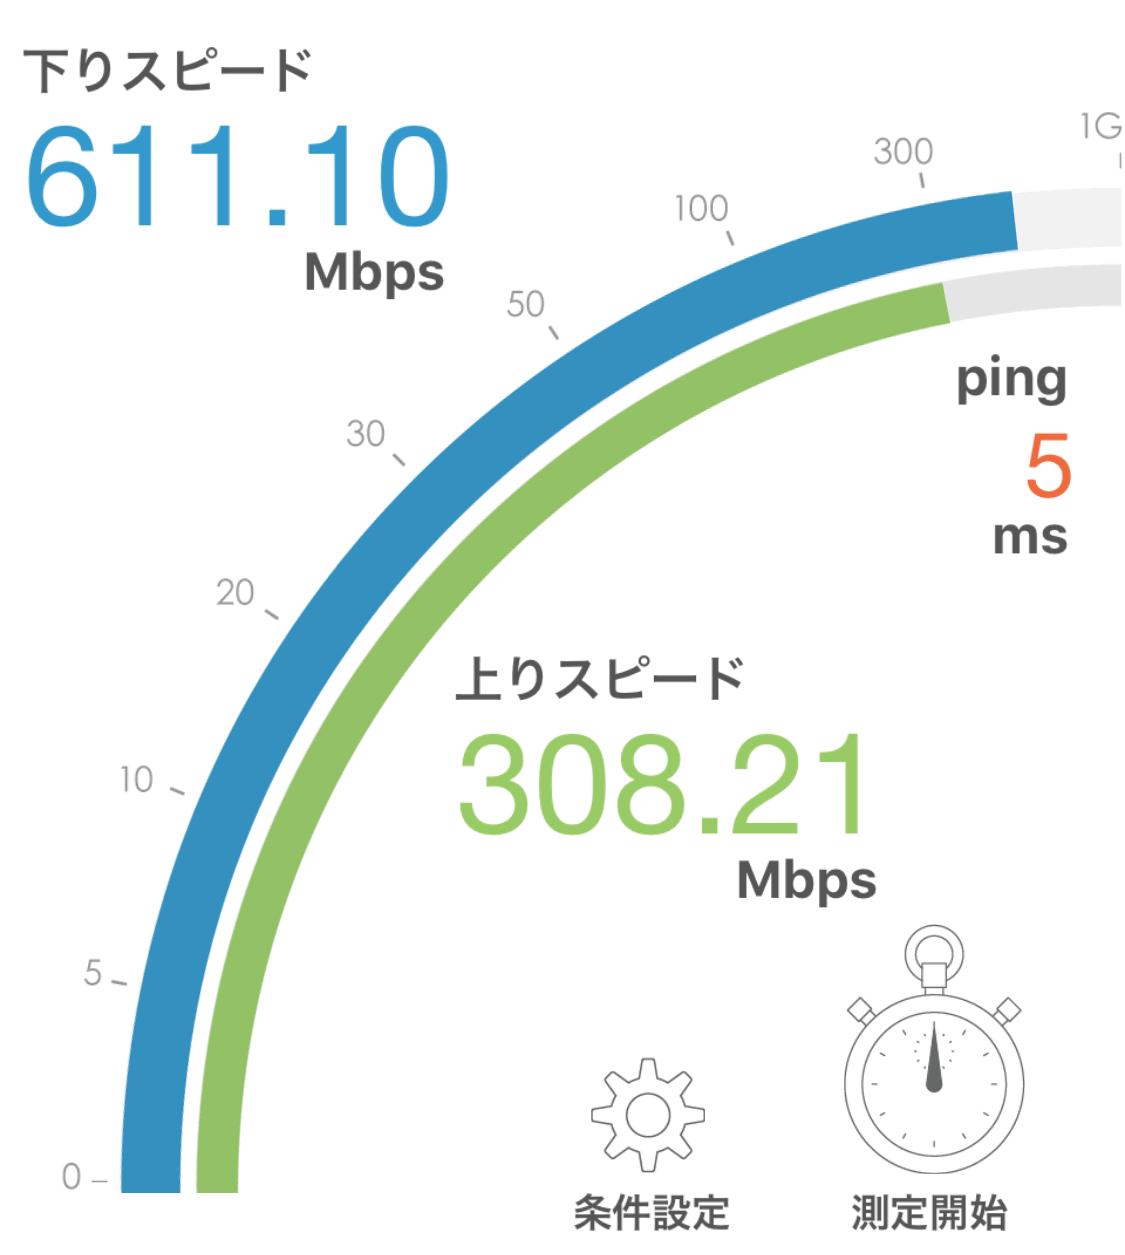 ニューロ光 Wi-Fi実測 2019年8月 計測結果